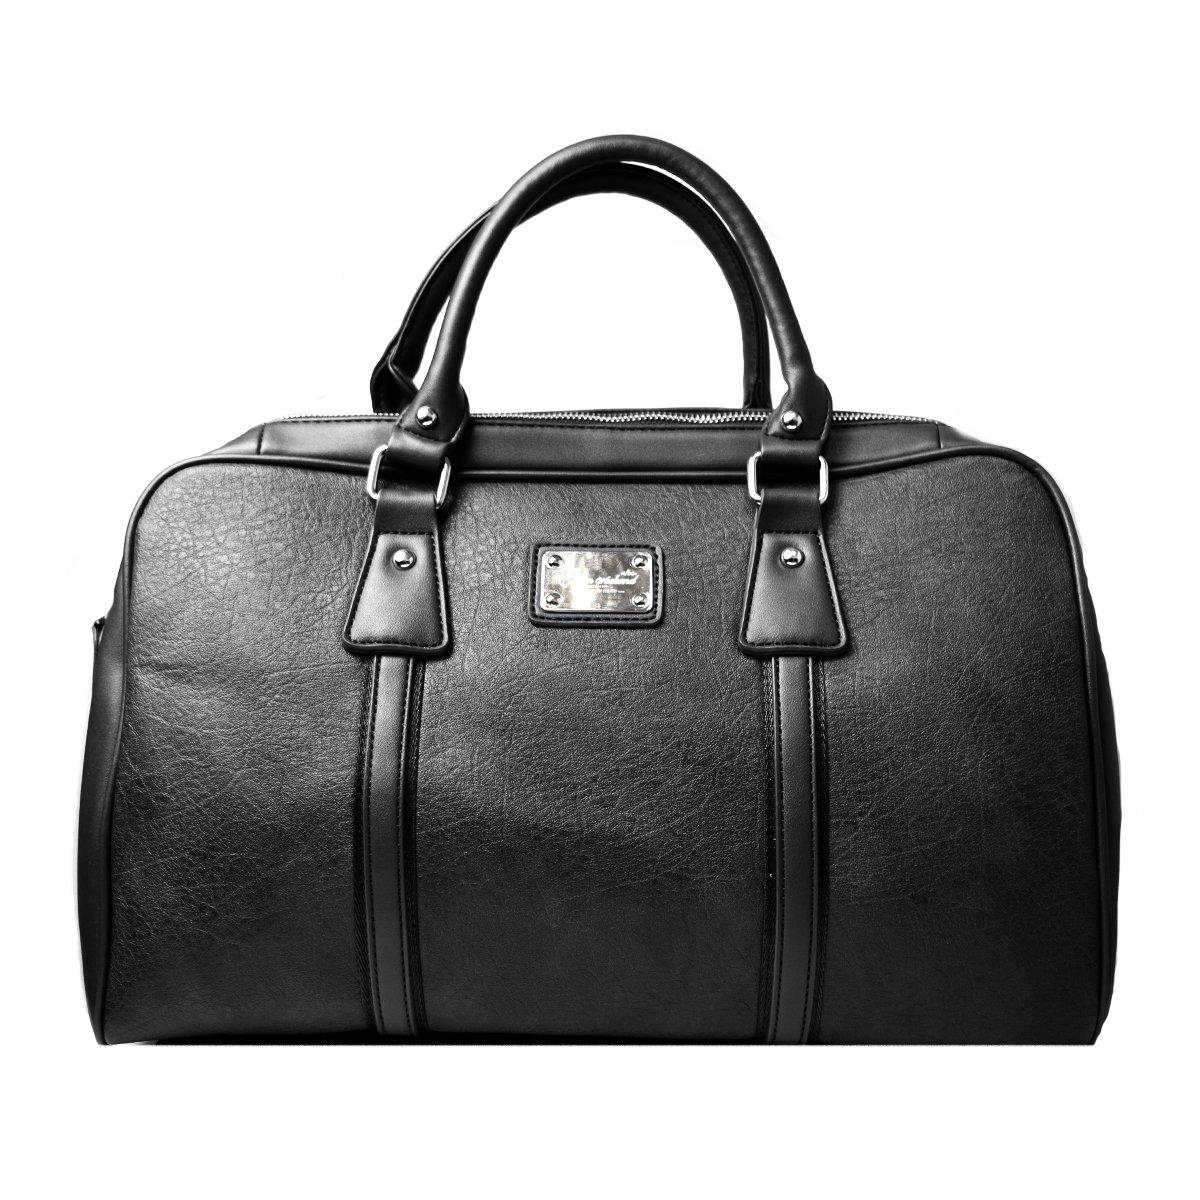 [ウィークエンド] WEEKEND ボストンバッグ メンズ バック 2way ボストン カバン 鞄 ショルダーバッグ【NO.2518】 B076HLG69X  ブラック